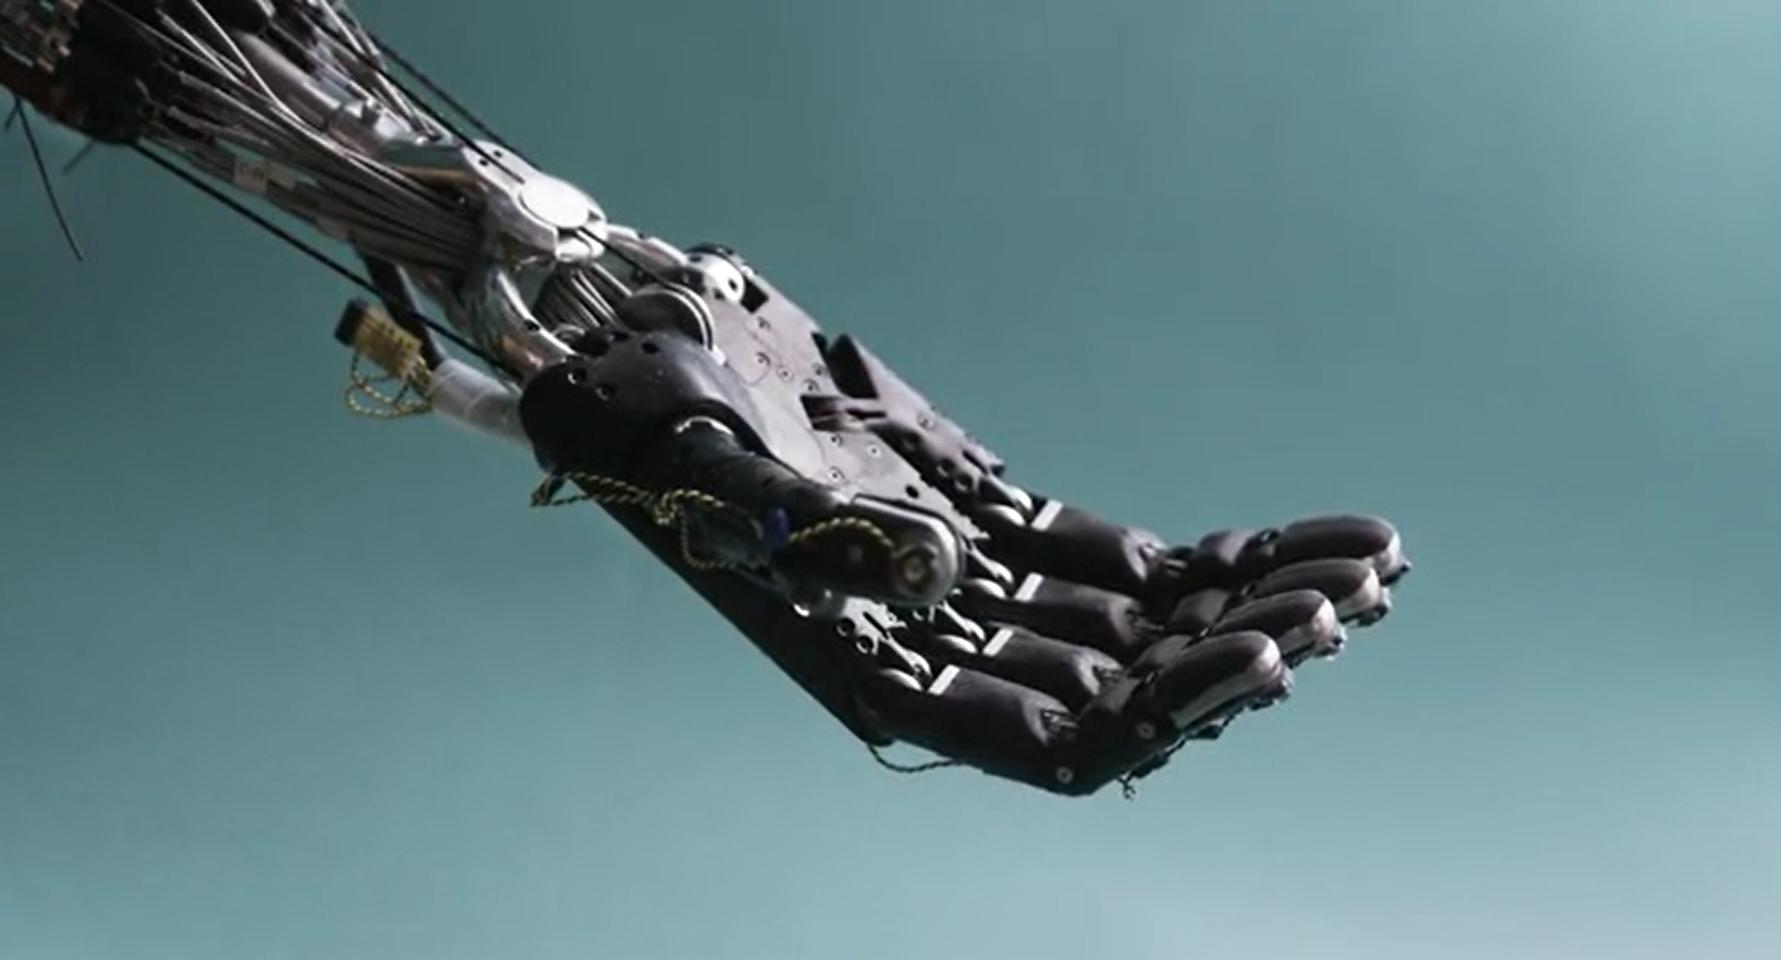 机械手臂进化之路:距离像人手一样灵活还有多远